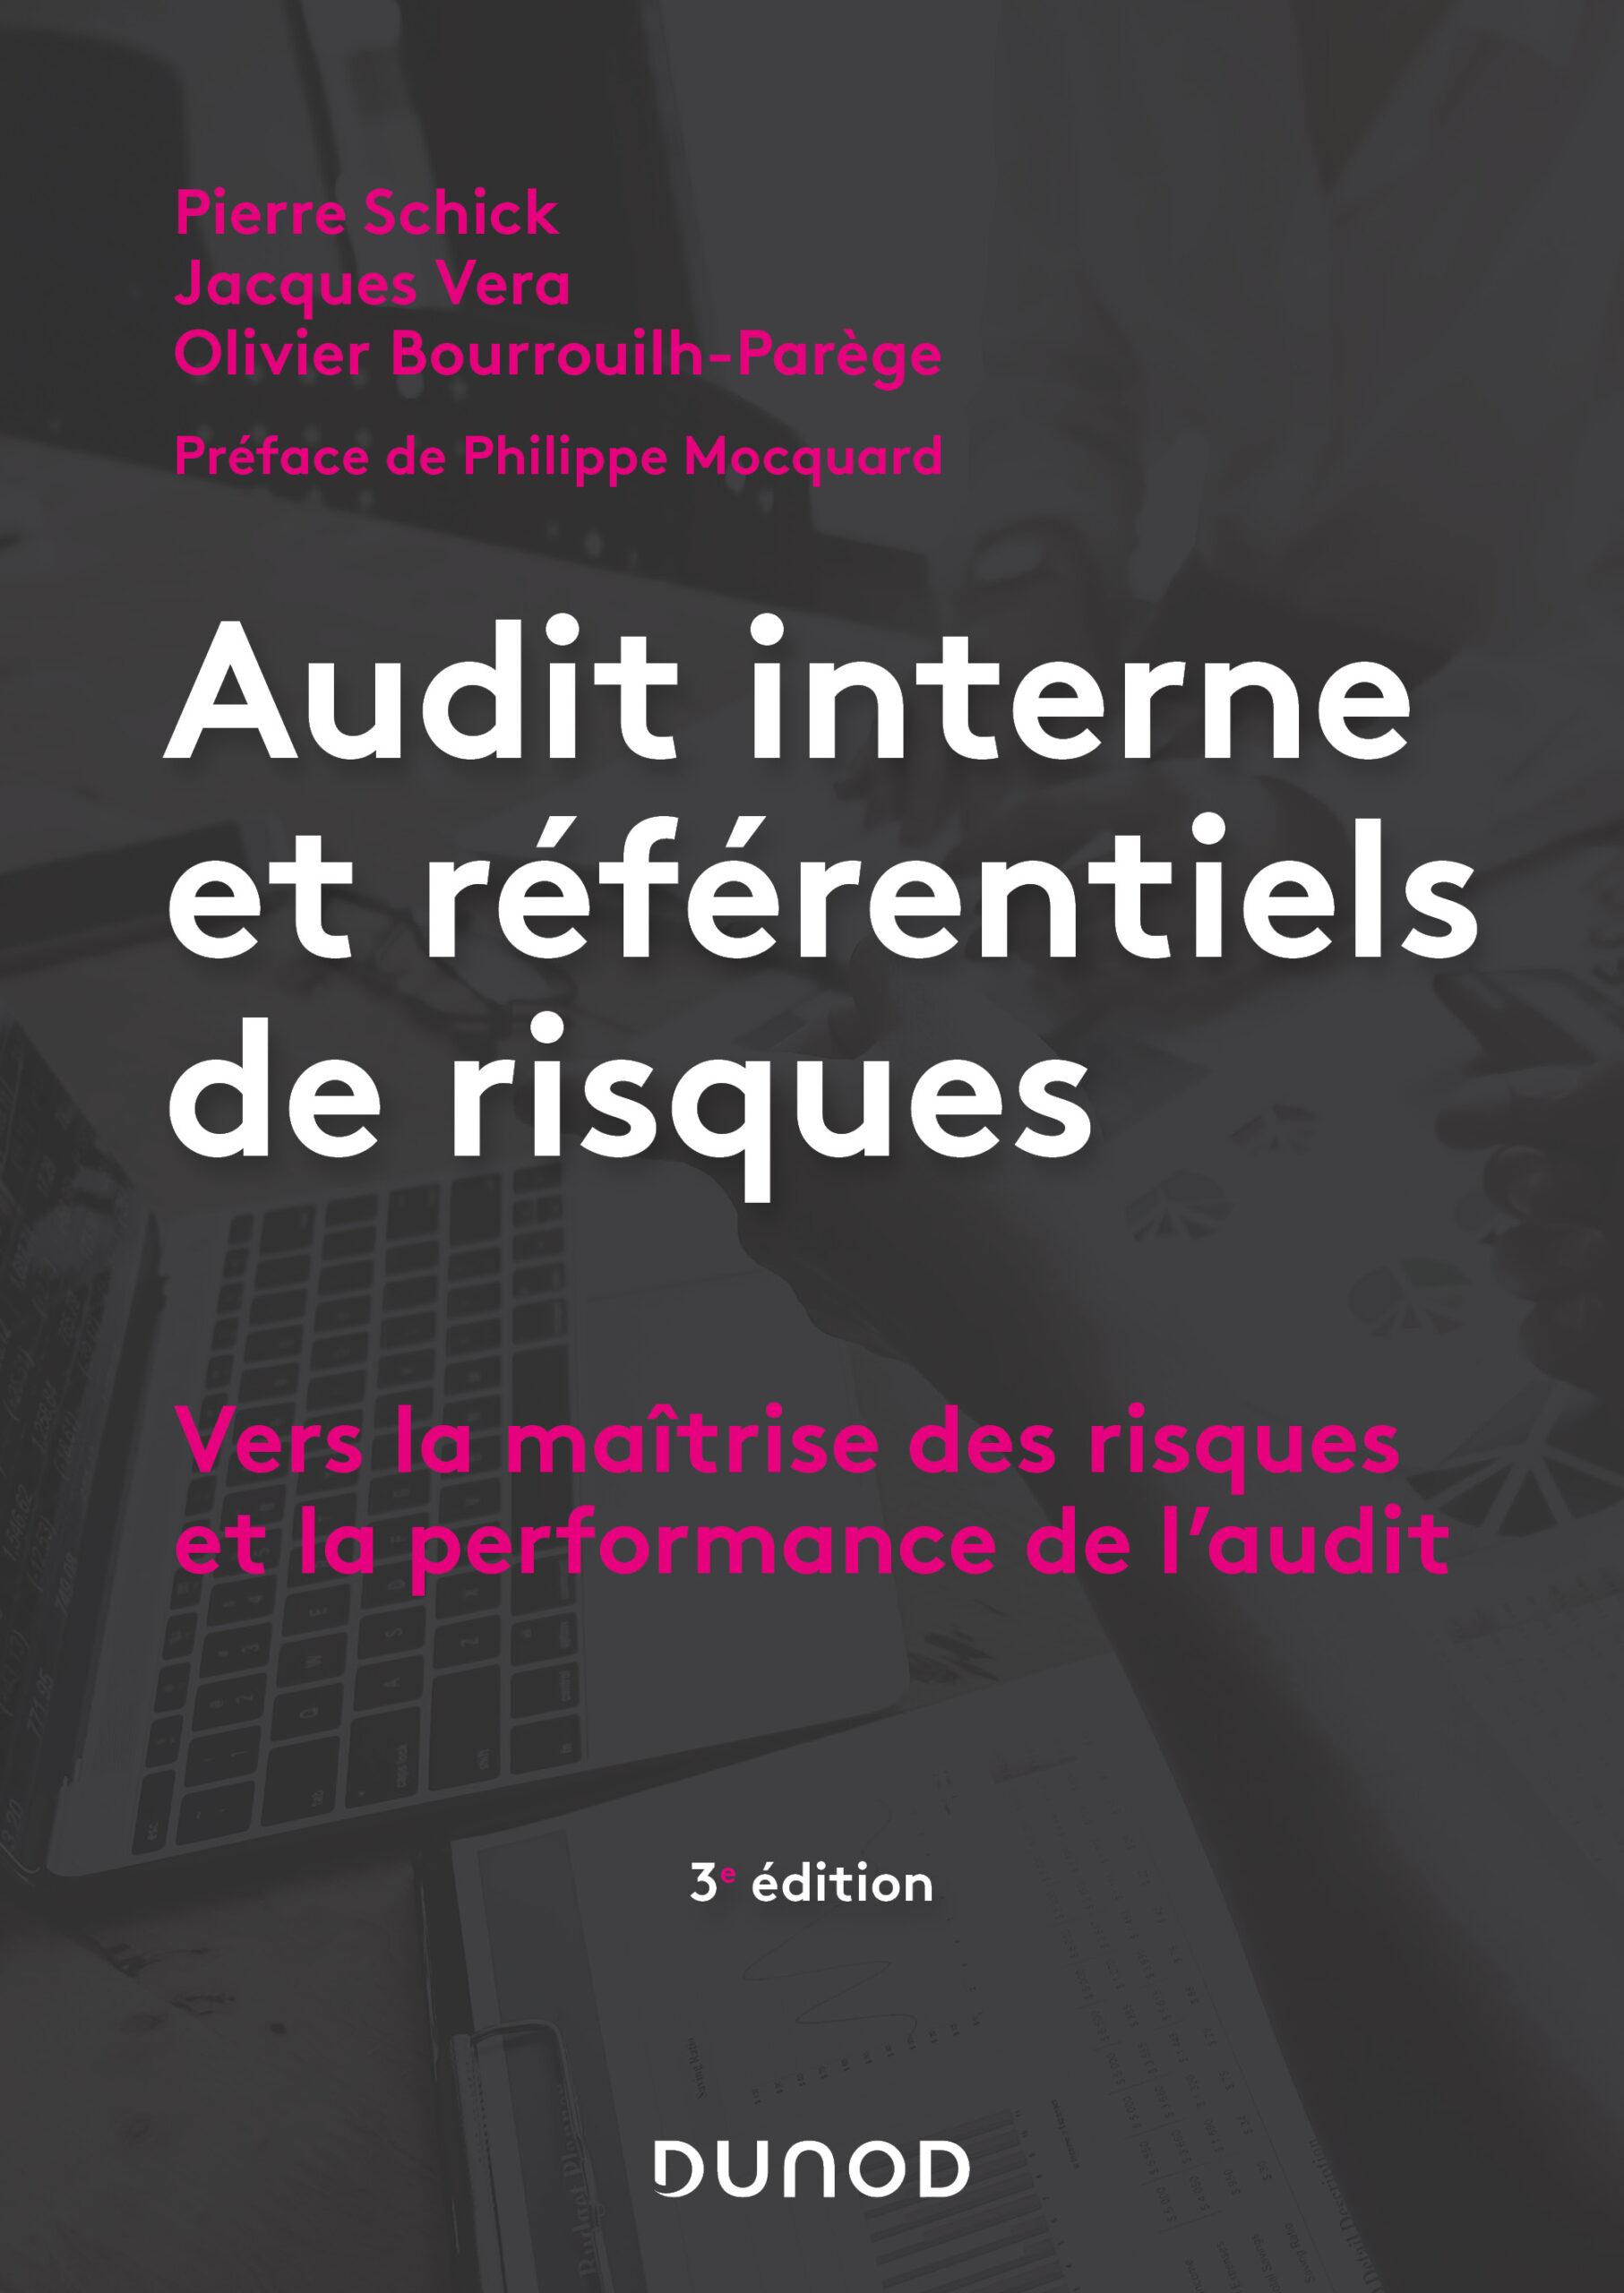 Audit interne , référentiels métiers risque